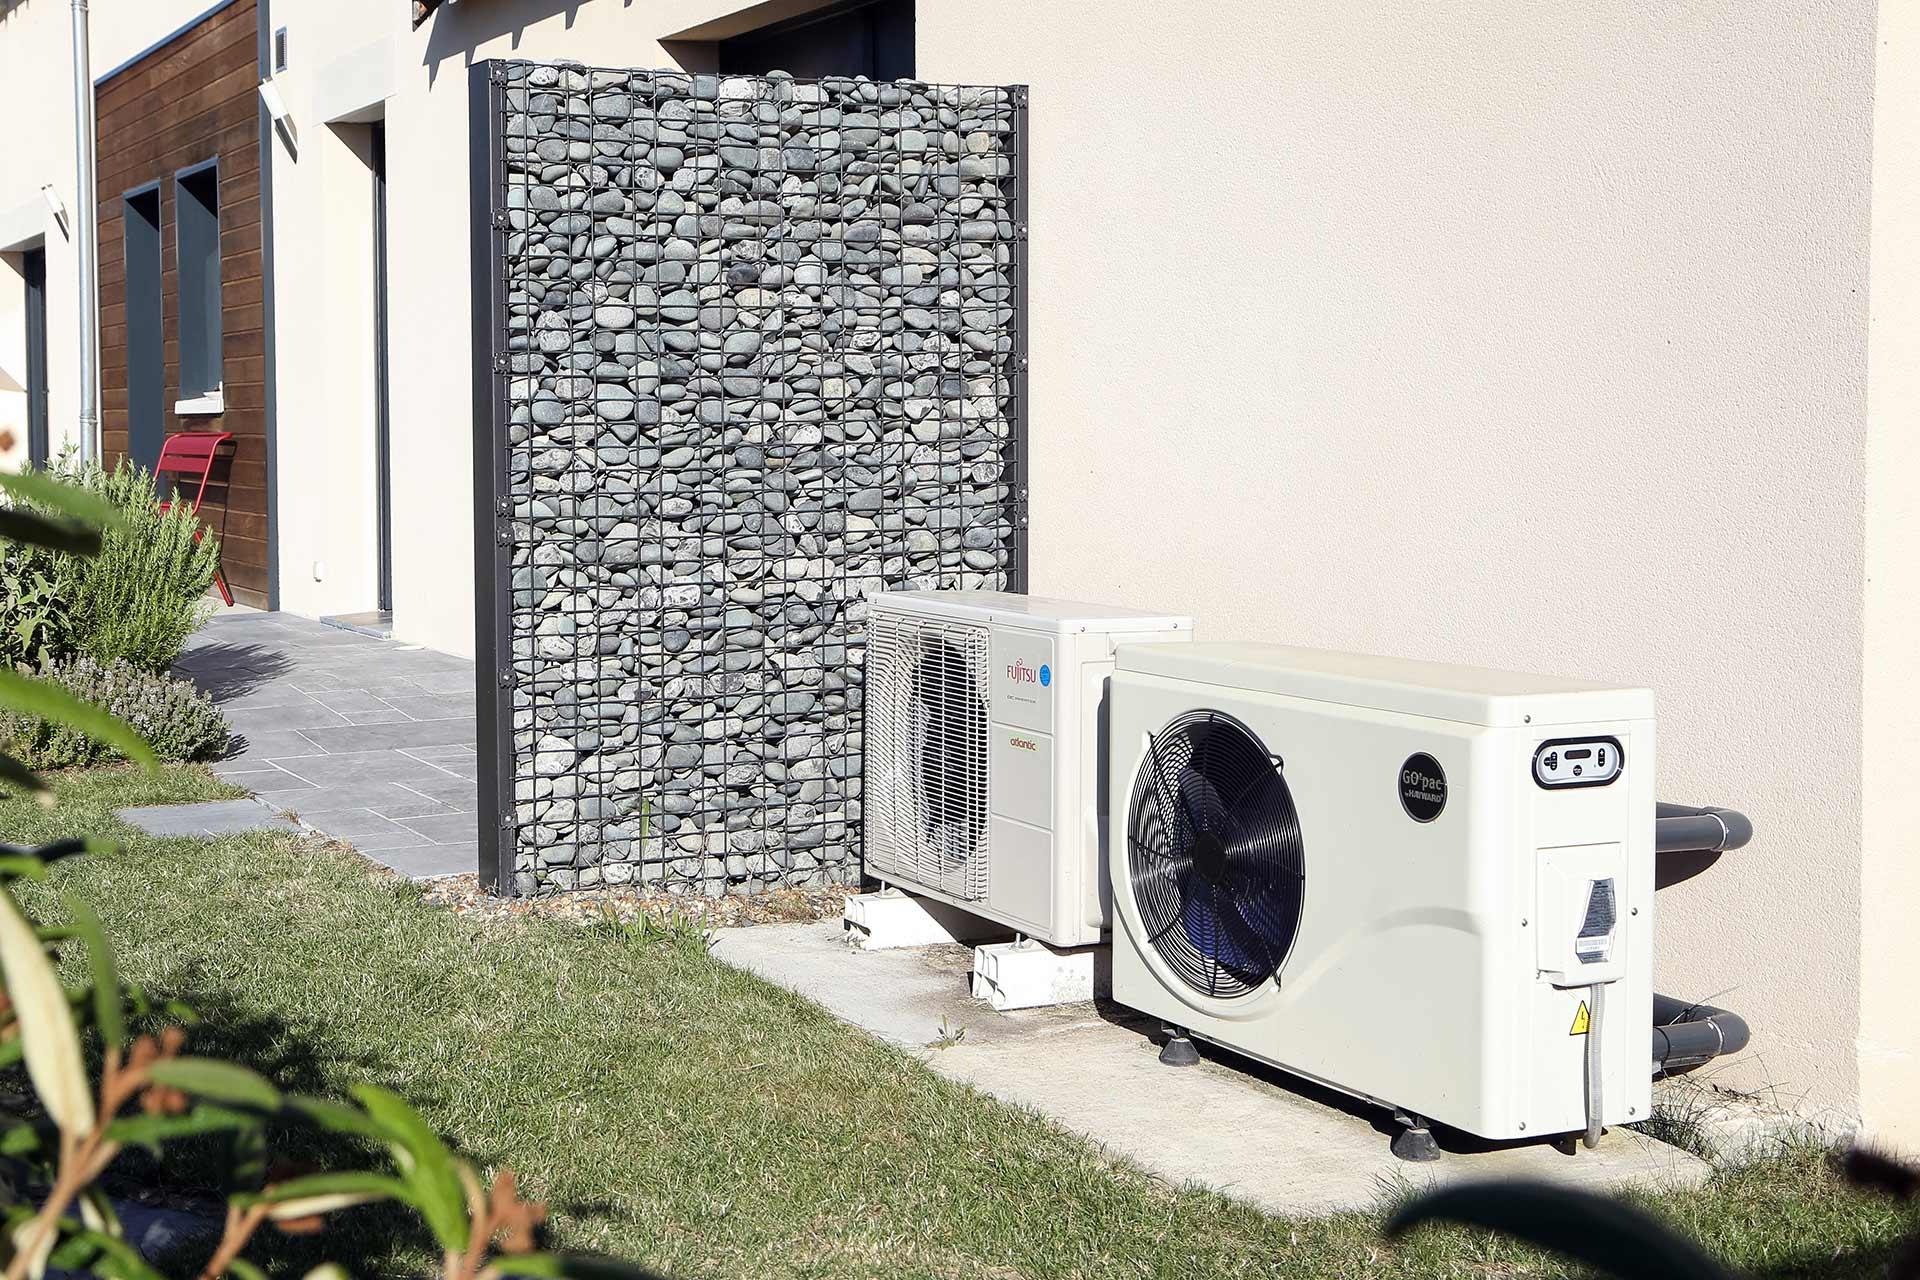 Serrault Jardns vous propose des solutions sur mesure pour cacher efficacement certaines zones de votre jardin.